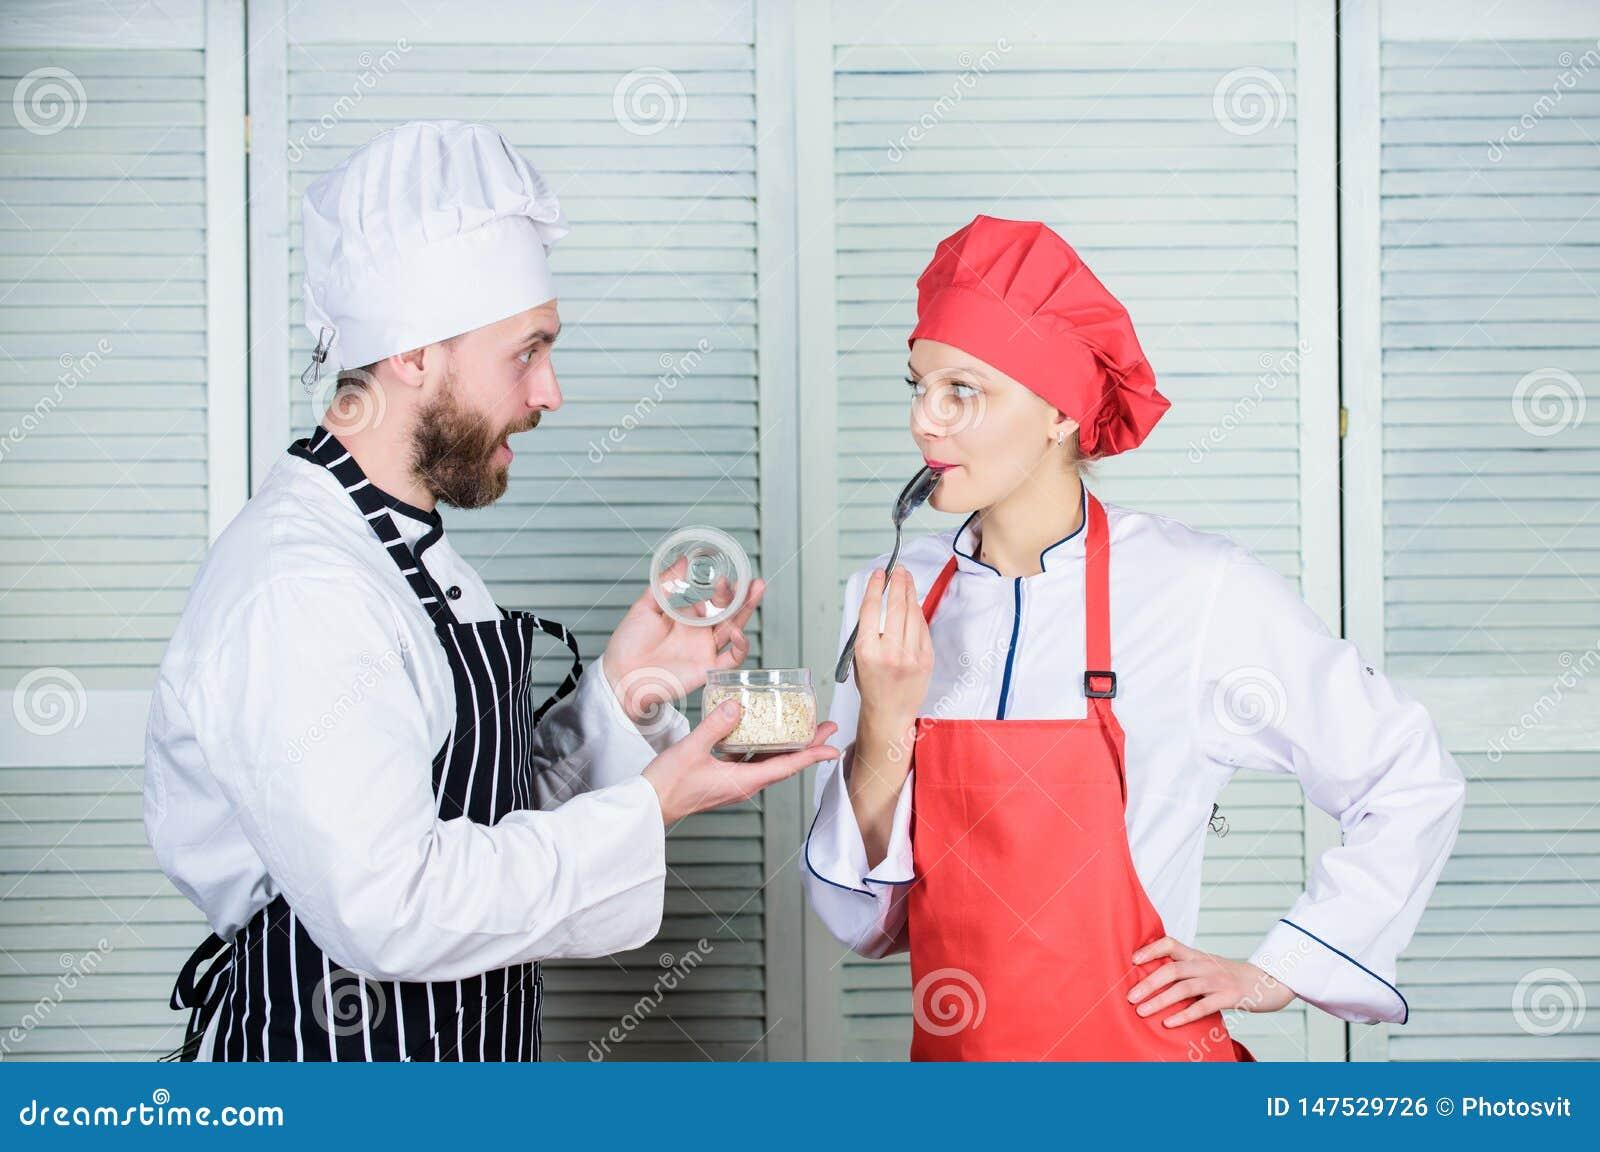 Distribuci?n de buen tiempo Ingrediente secreto por receta Uniforme del cocinero Planeamiento del men? cocina culinaria Familia q